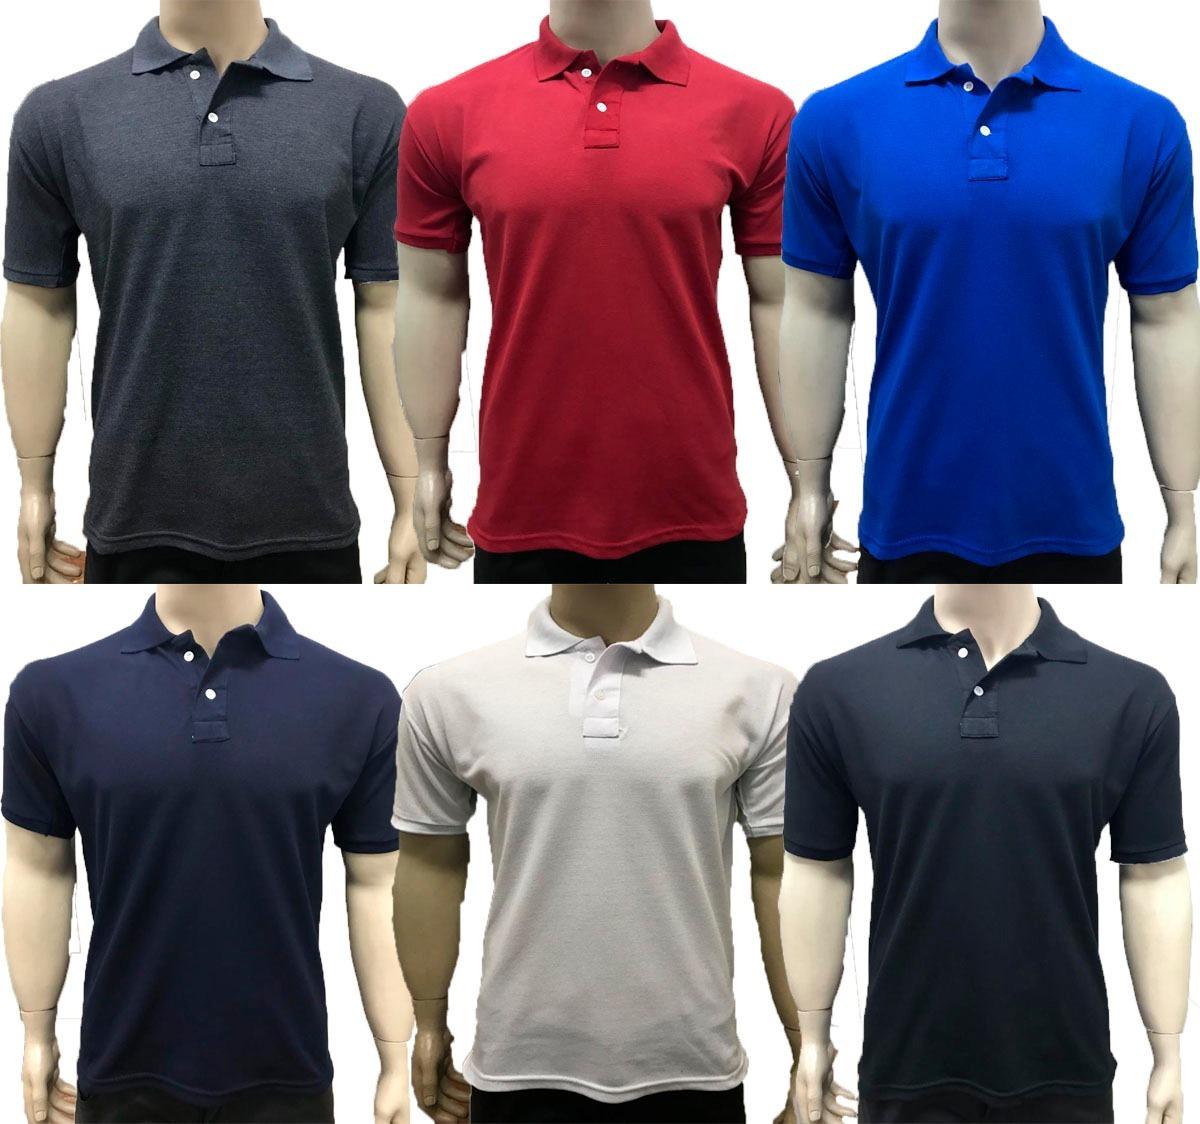 kit 15 camisas gola polo equilíbrio atacado revenda lucre. Carregando zoom. d319181426452